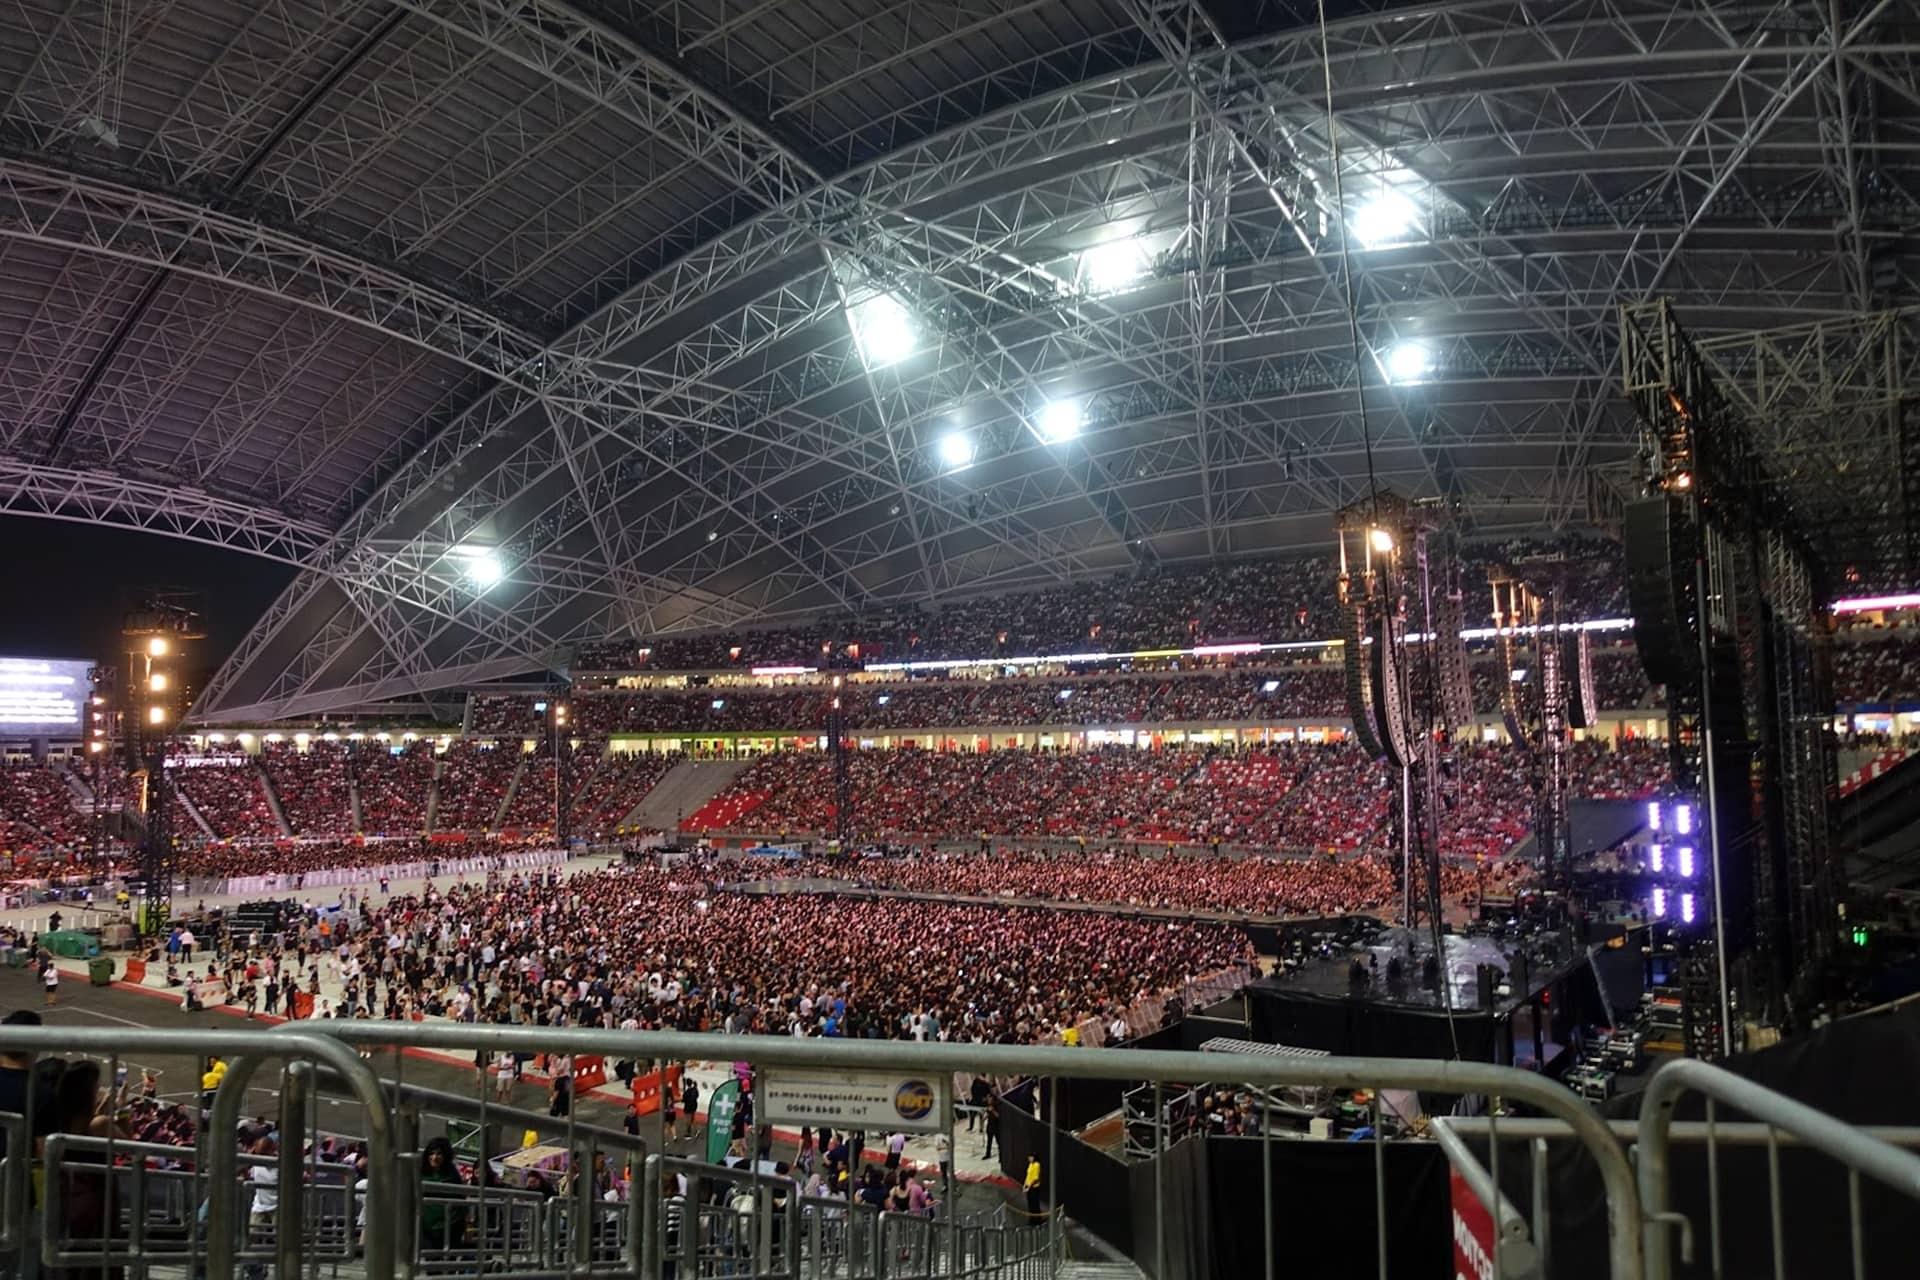 Gambar gratis: konser, gedung konser, kerumunan, interior ...